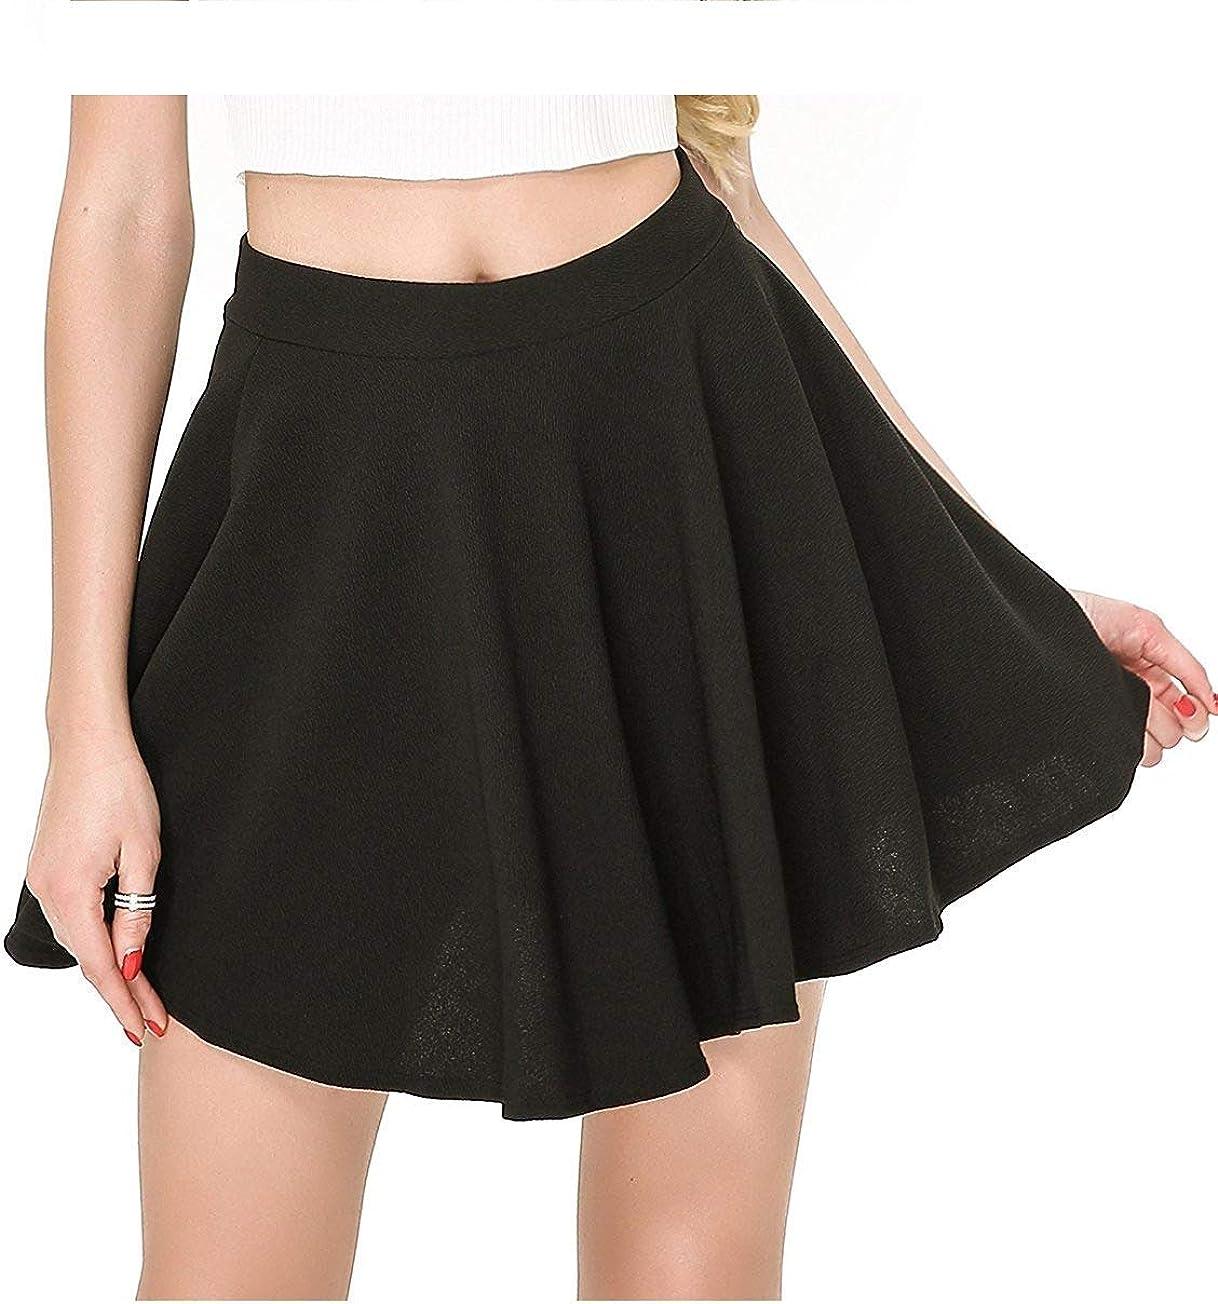 LIZMEMORY Women Casual Verstile Basic Flared Skater Mini High Waist Stretchy Skirt